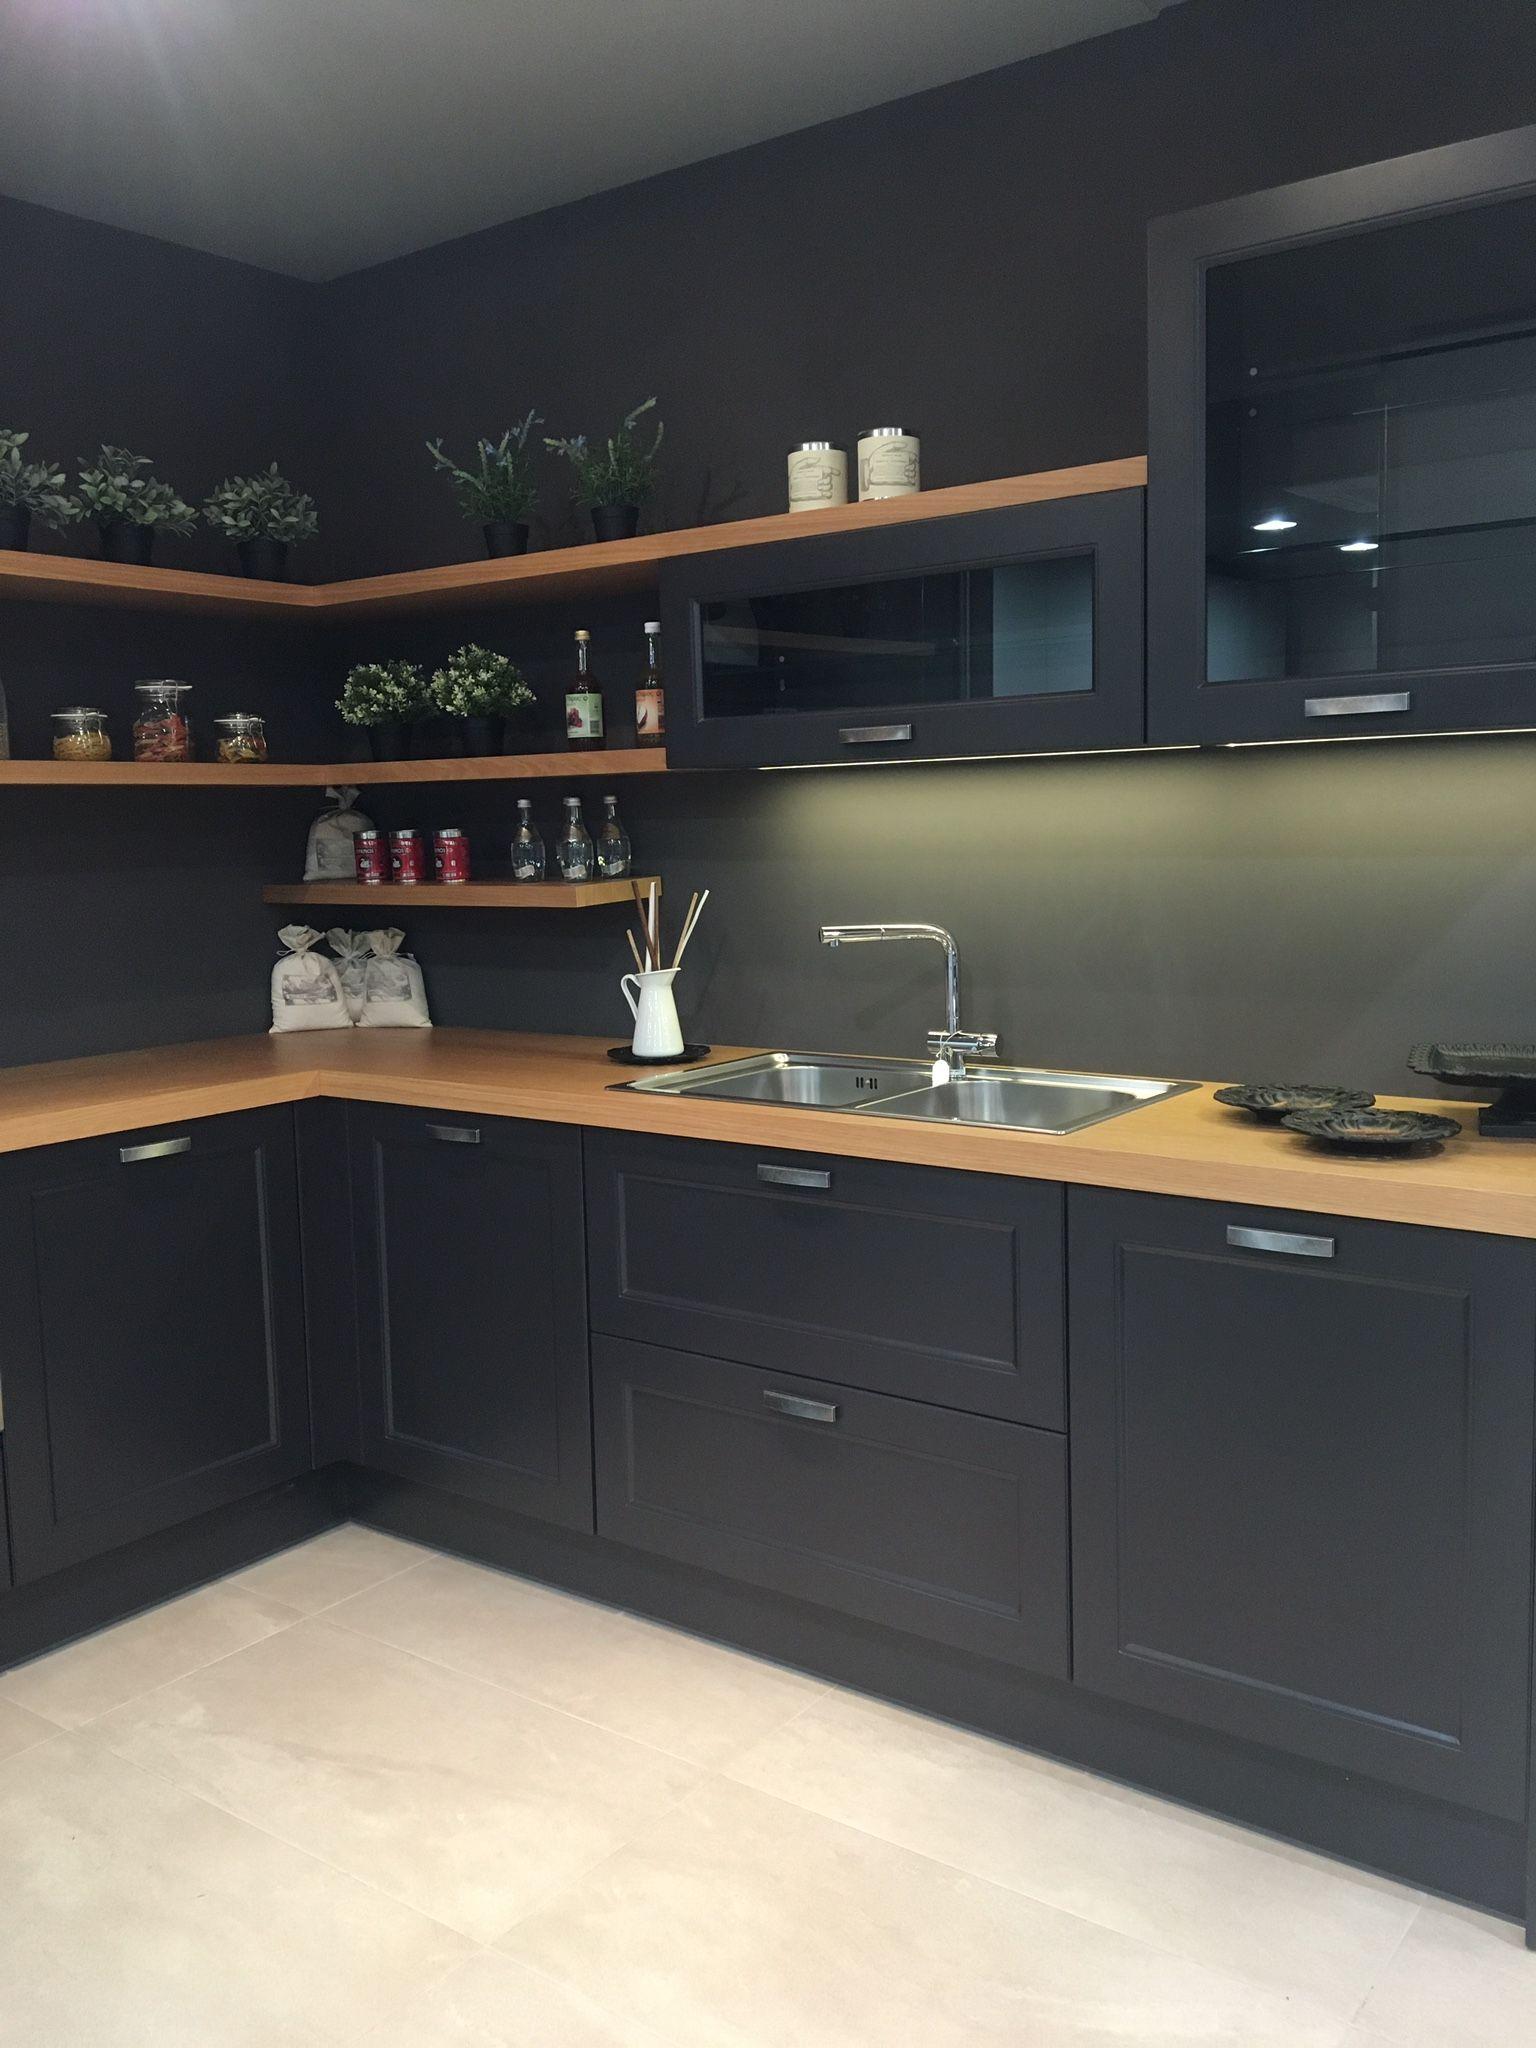 Petite cuisine noire  Cuisine moderne, Cuisine noire, Cuisines maison